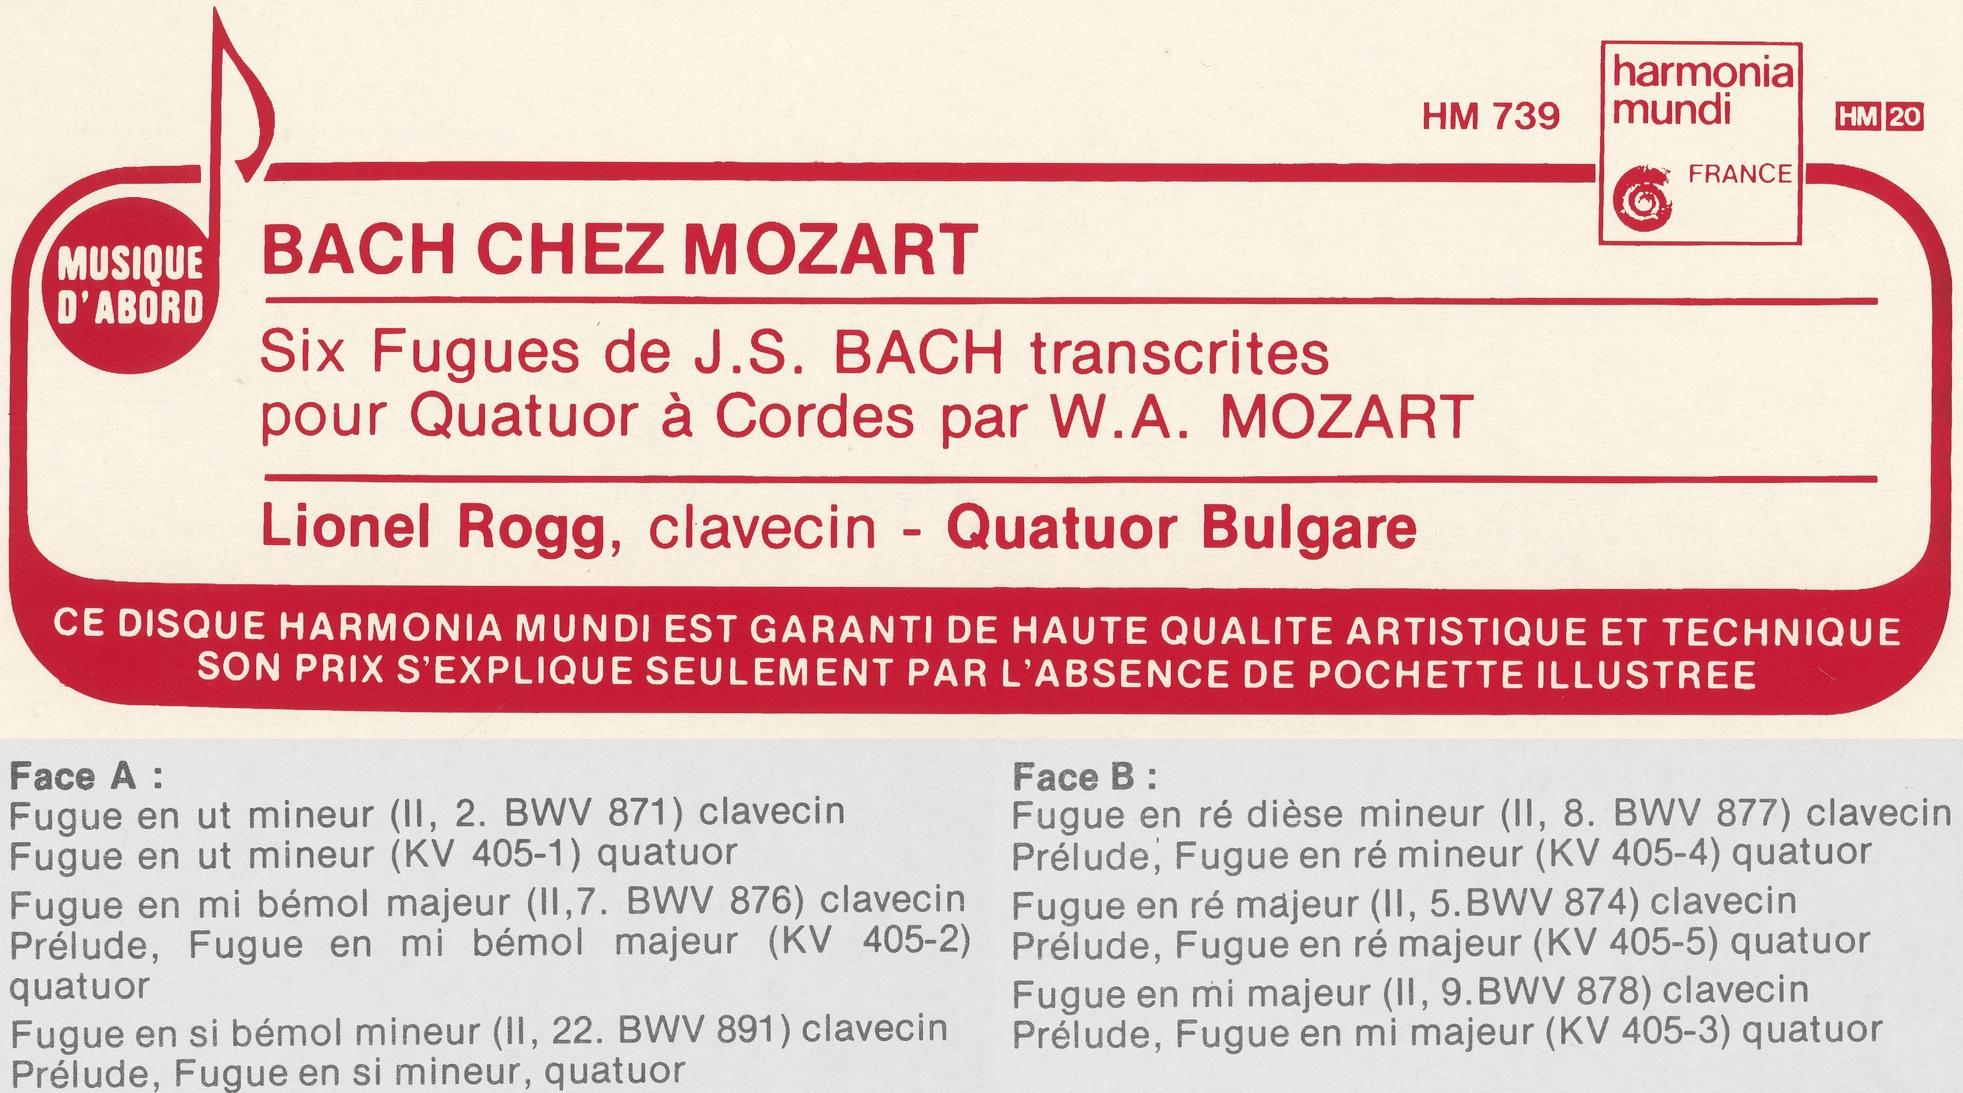 Extraits du recto et de l'insert du disque Harmonia Mundi HM 739